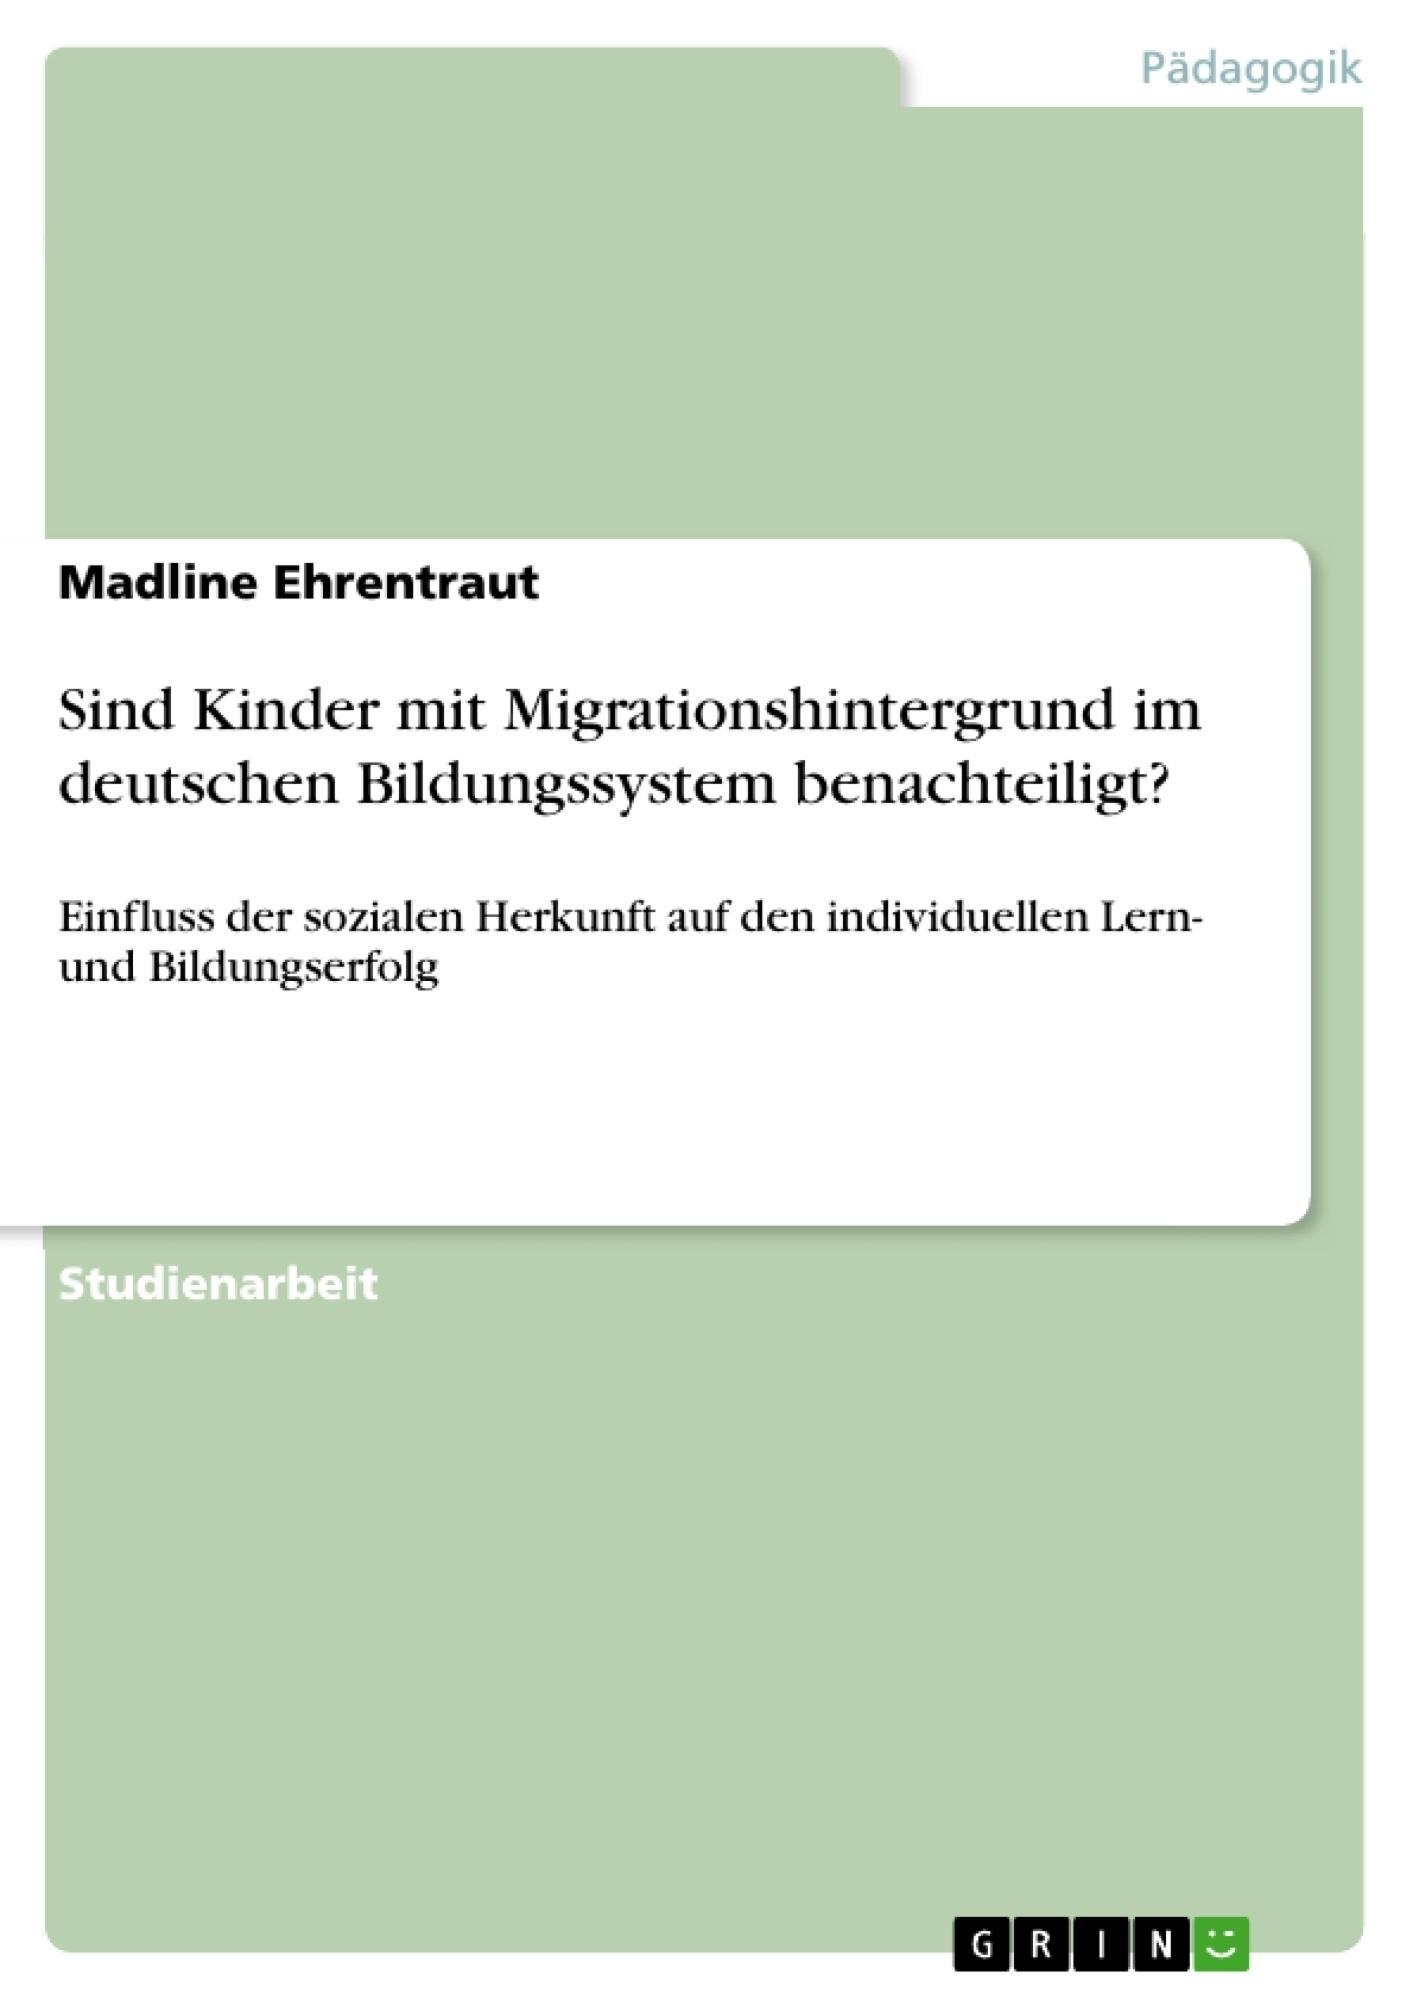 Titel: Sind Kinder mit Migrationshintergrund im deutschen Bildungssystem benachteiligt?